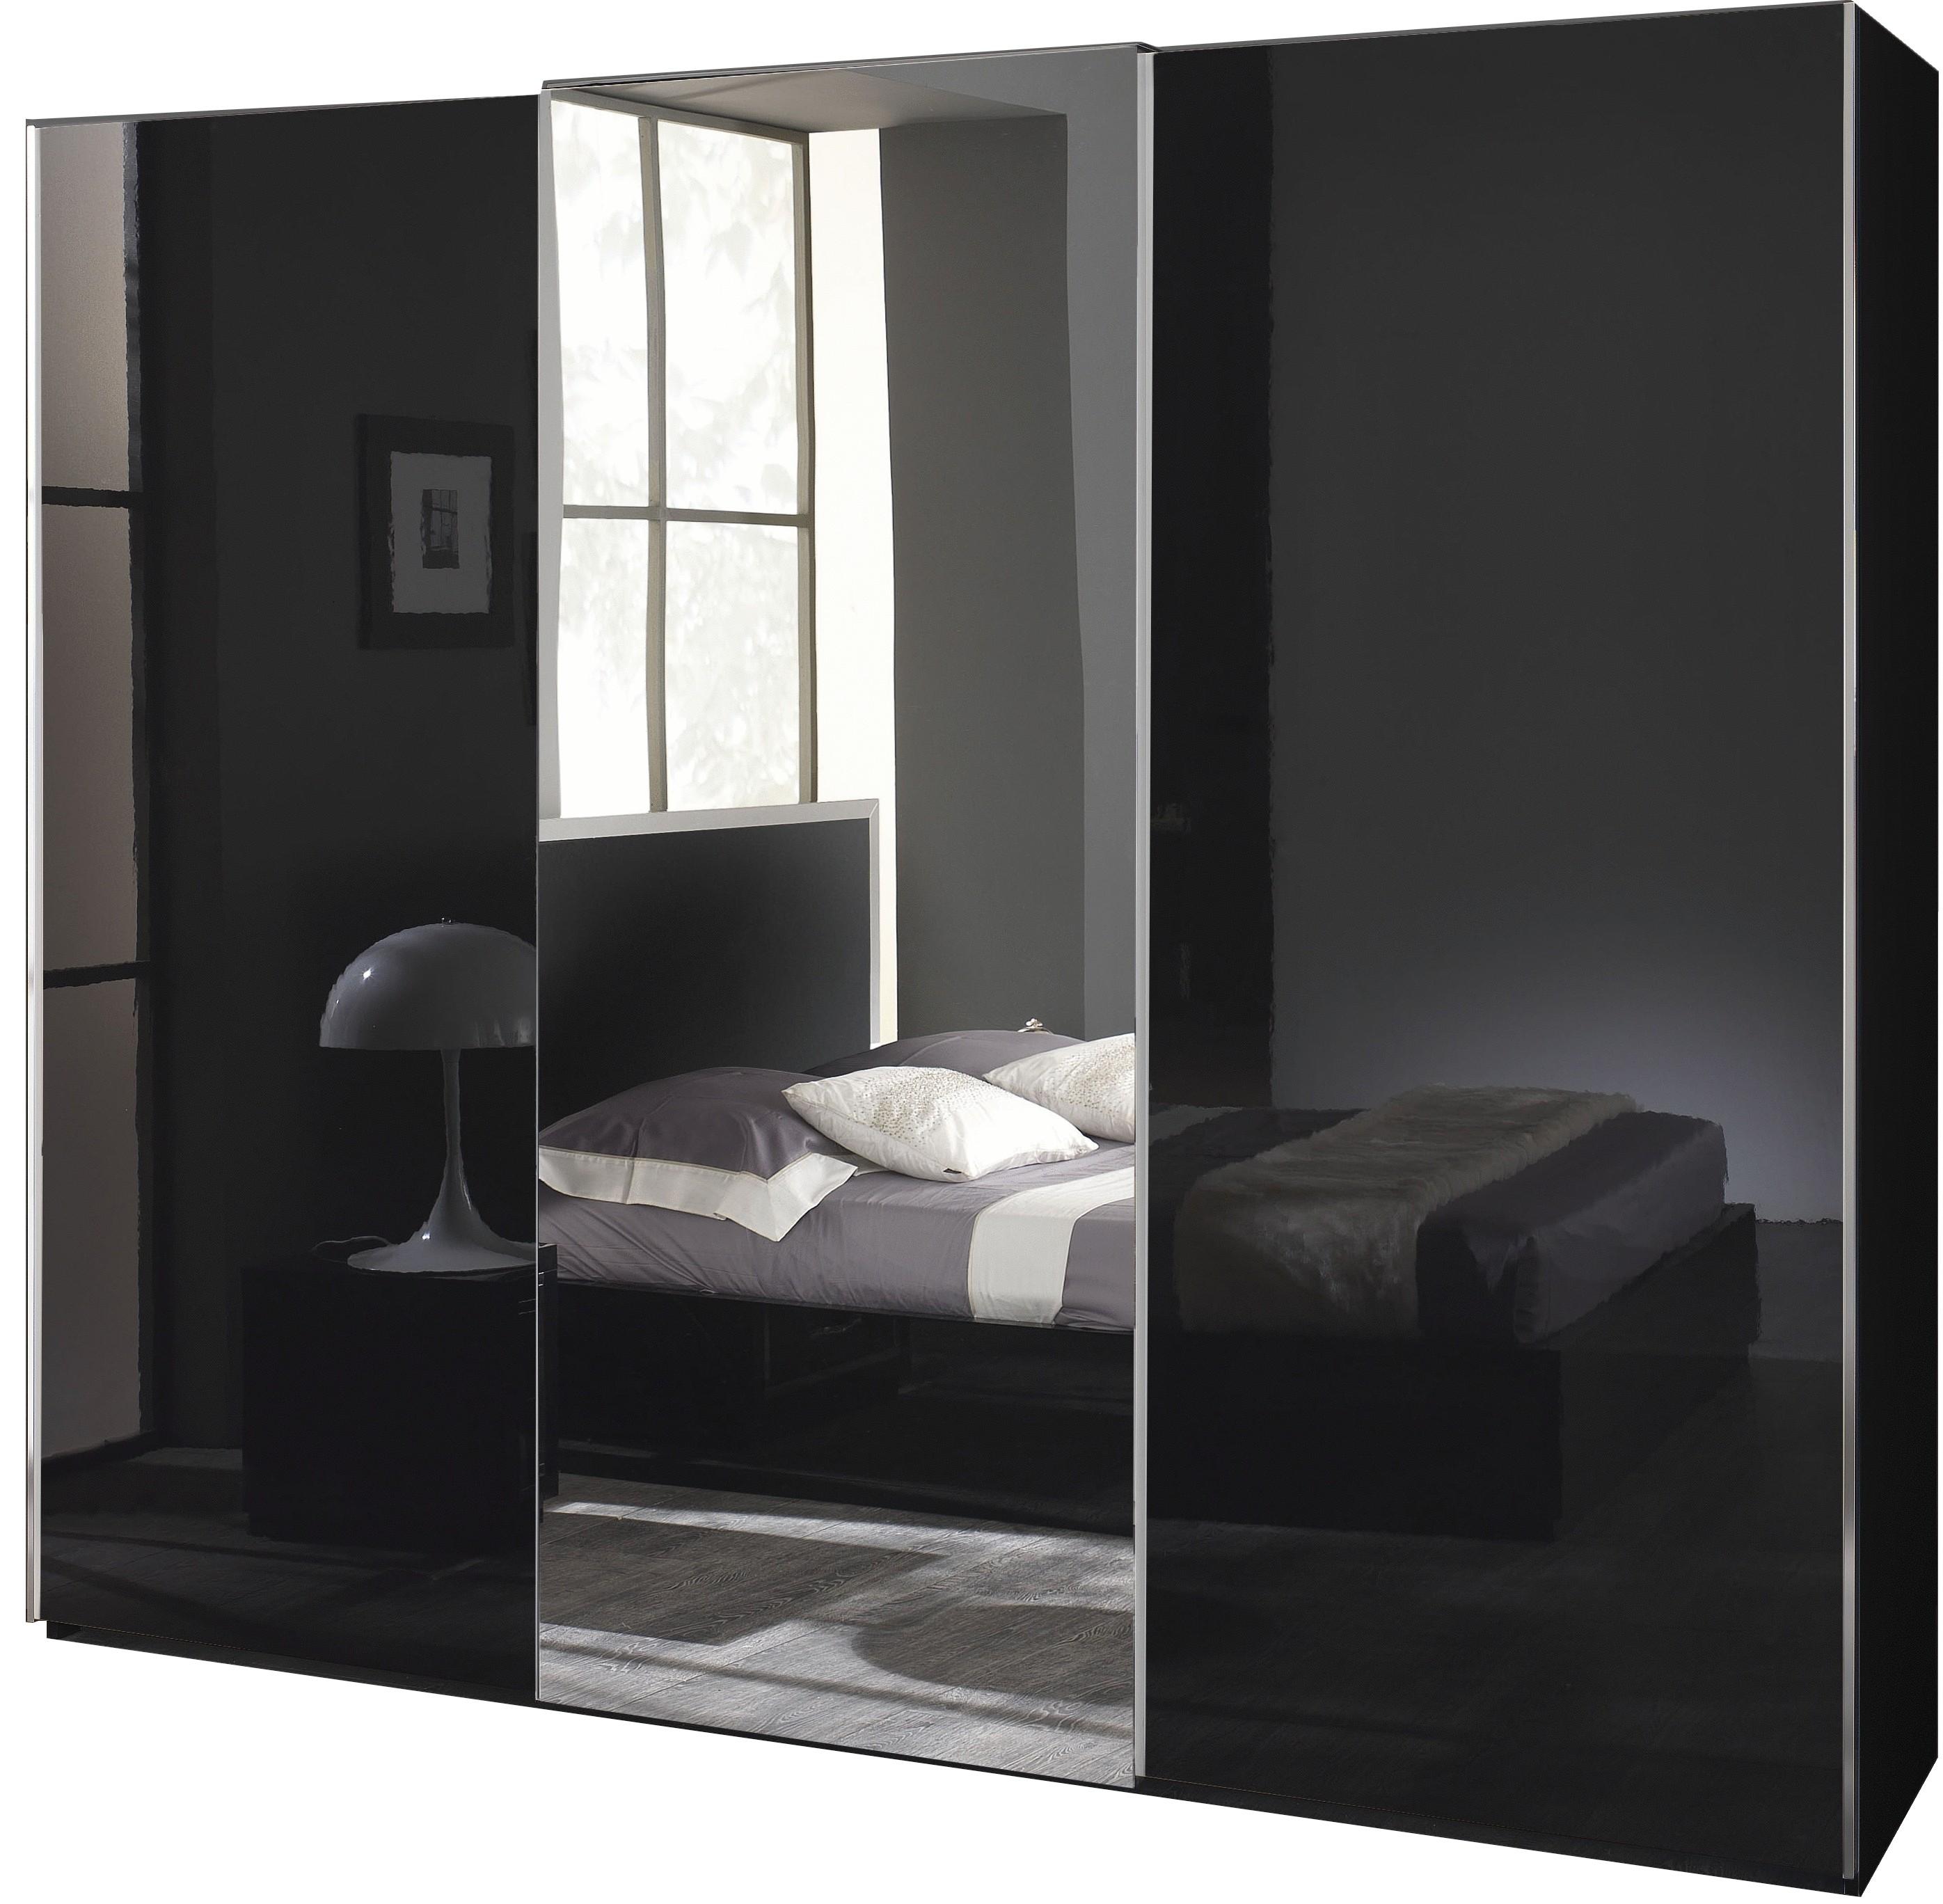 Armoire A Coulissantes Garde Robes Design 225cm Noir Laque Qualite Italien Sevilla